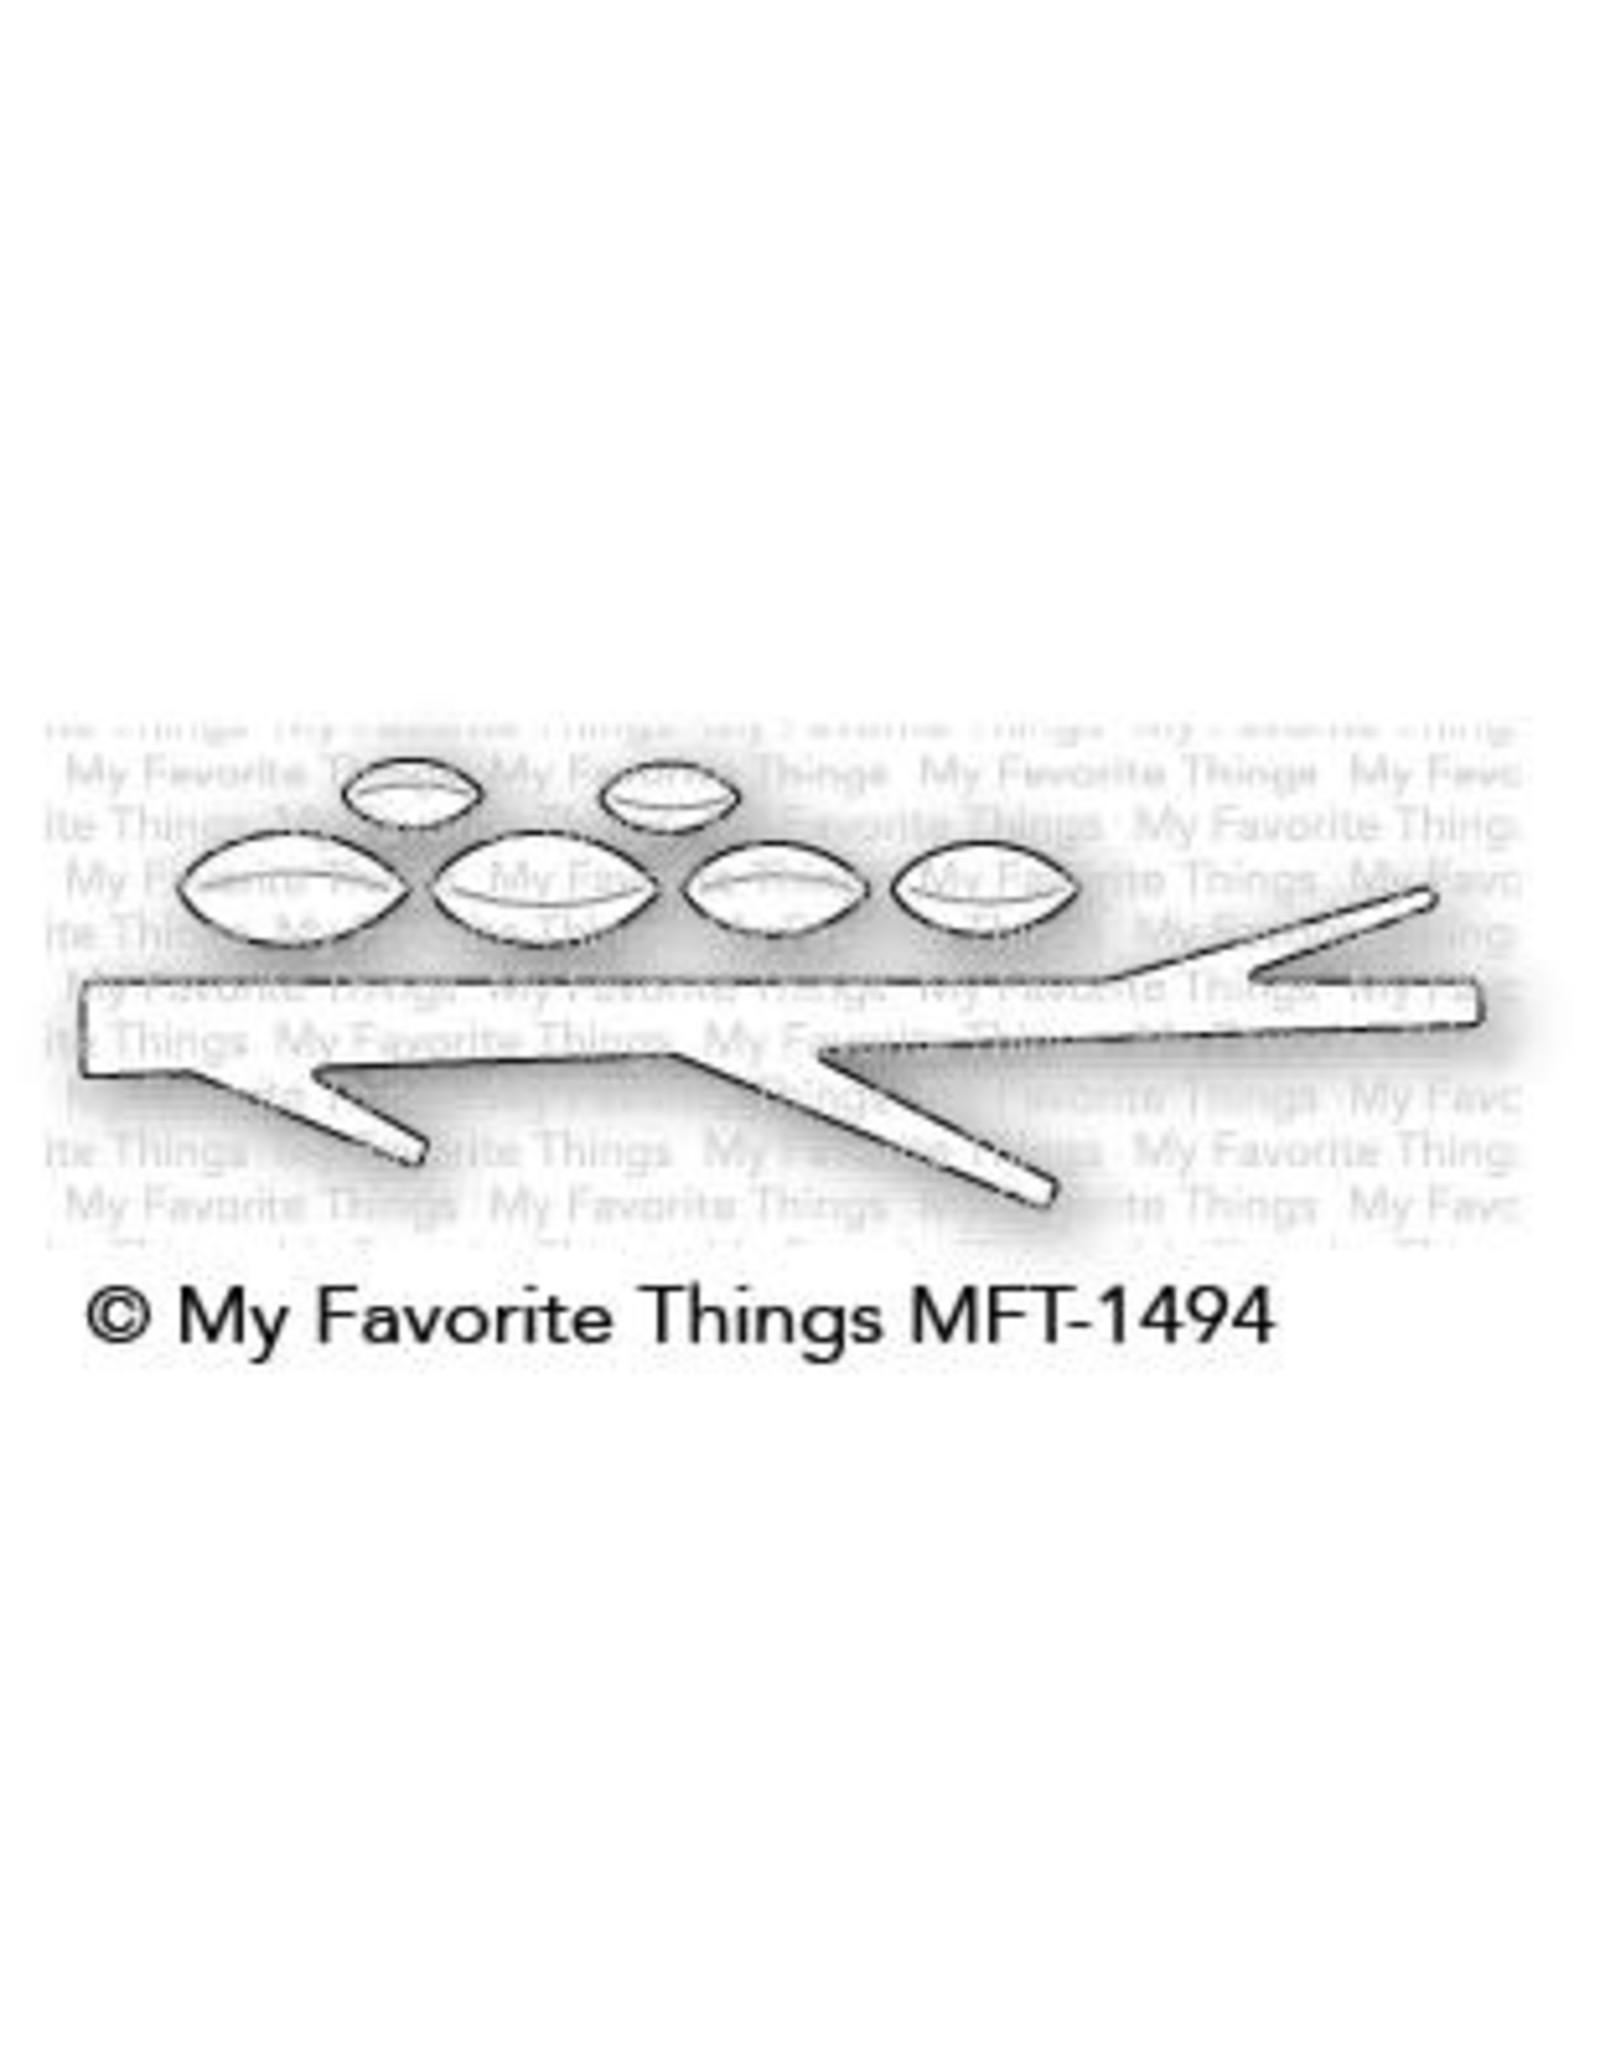 My Favorite Things Tree Branch - Die (RETIRED) (25%)